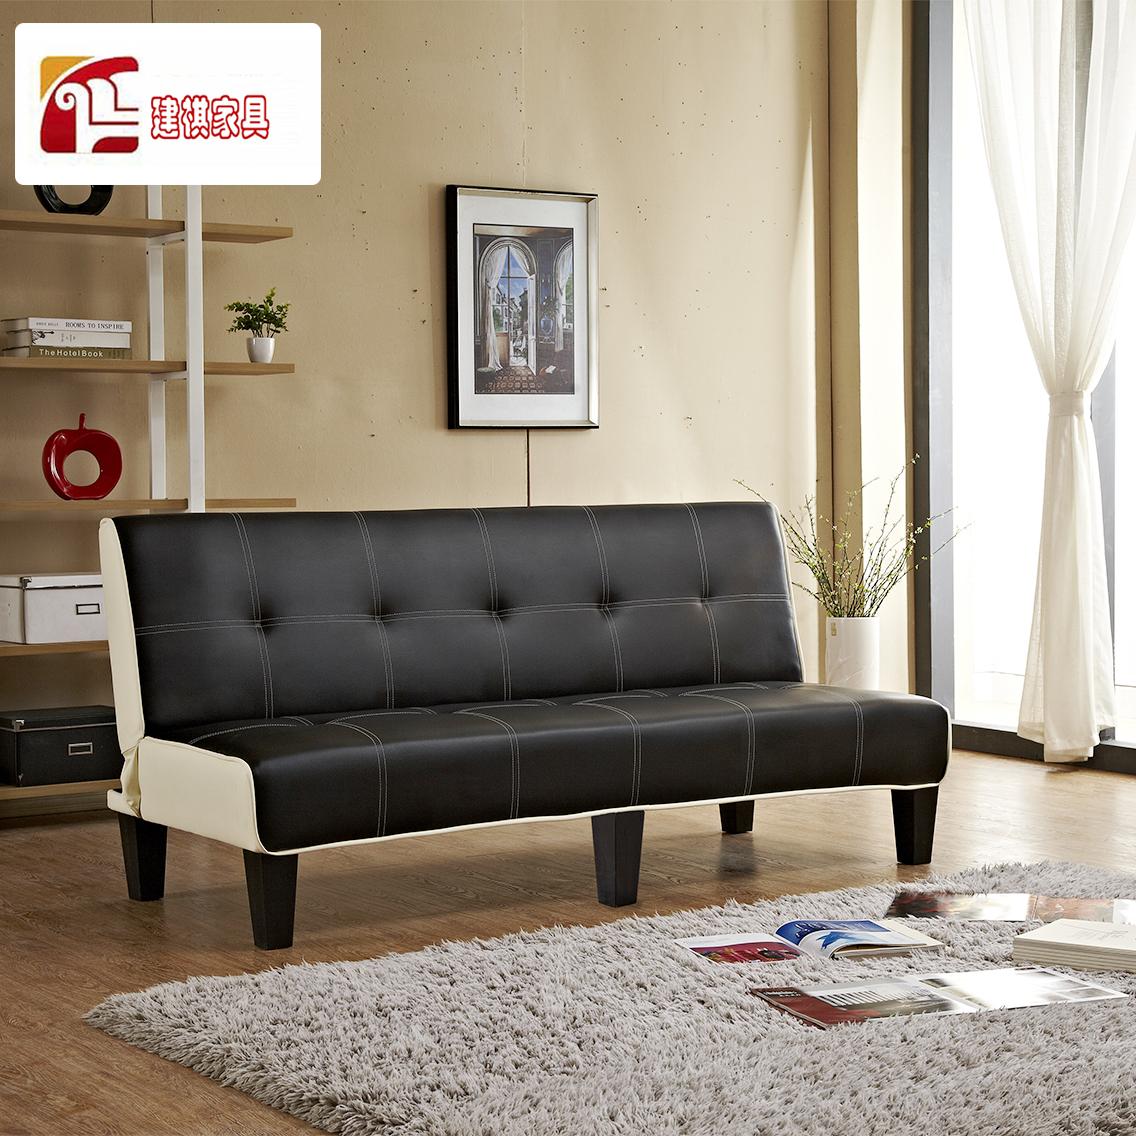 Τον καναπέ - κρεβάτι πτυσσόμενου σύγχρονο μινιμαλιστικό 1,8 m ξύλινα πακέτο μετά μικρό διαμέρισμα διπλό πολυλειτουργική και πτυσσόμενο καναπέ - κρεβάτι.